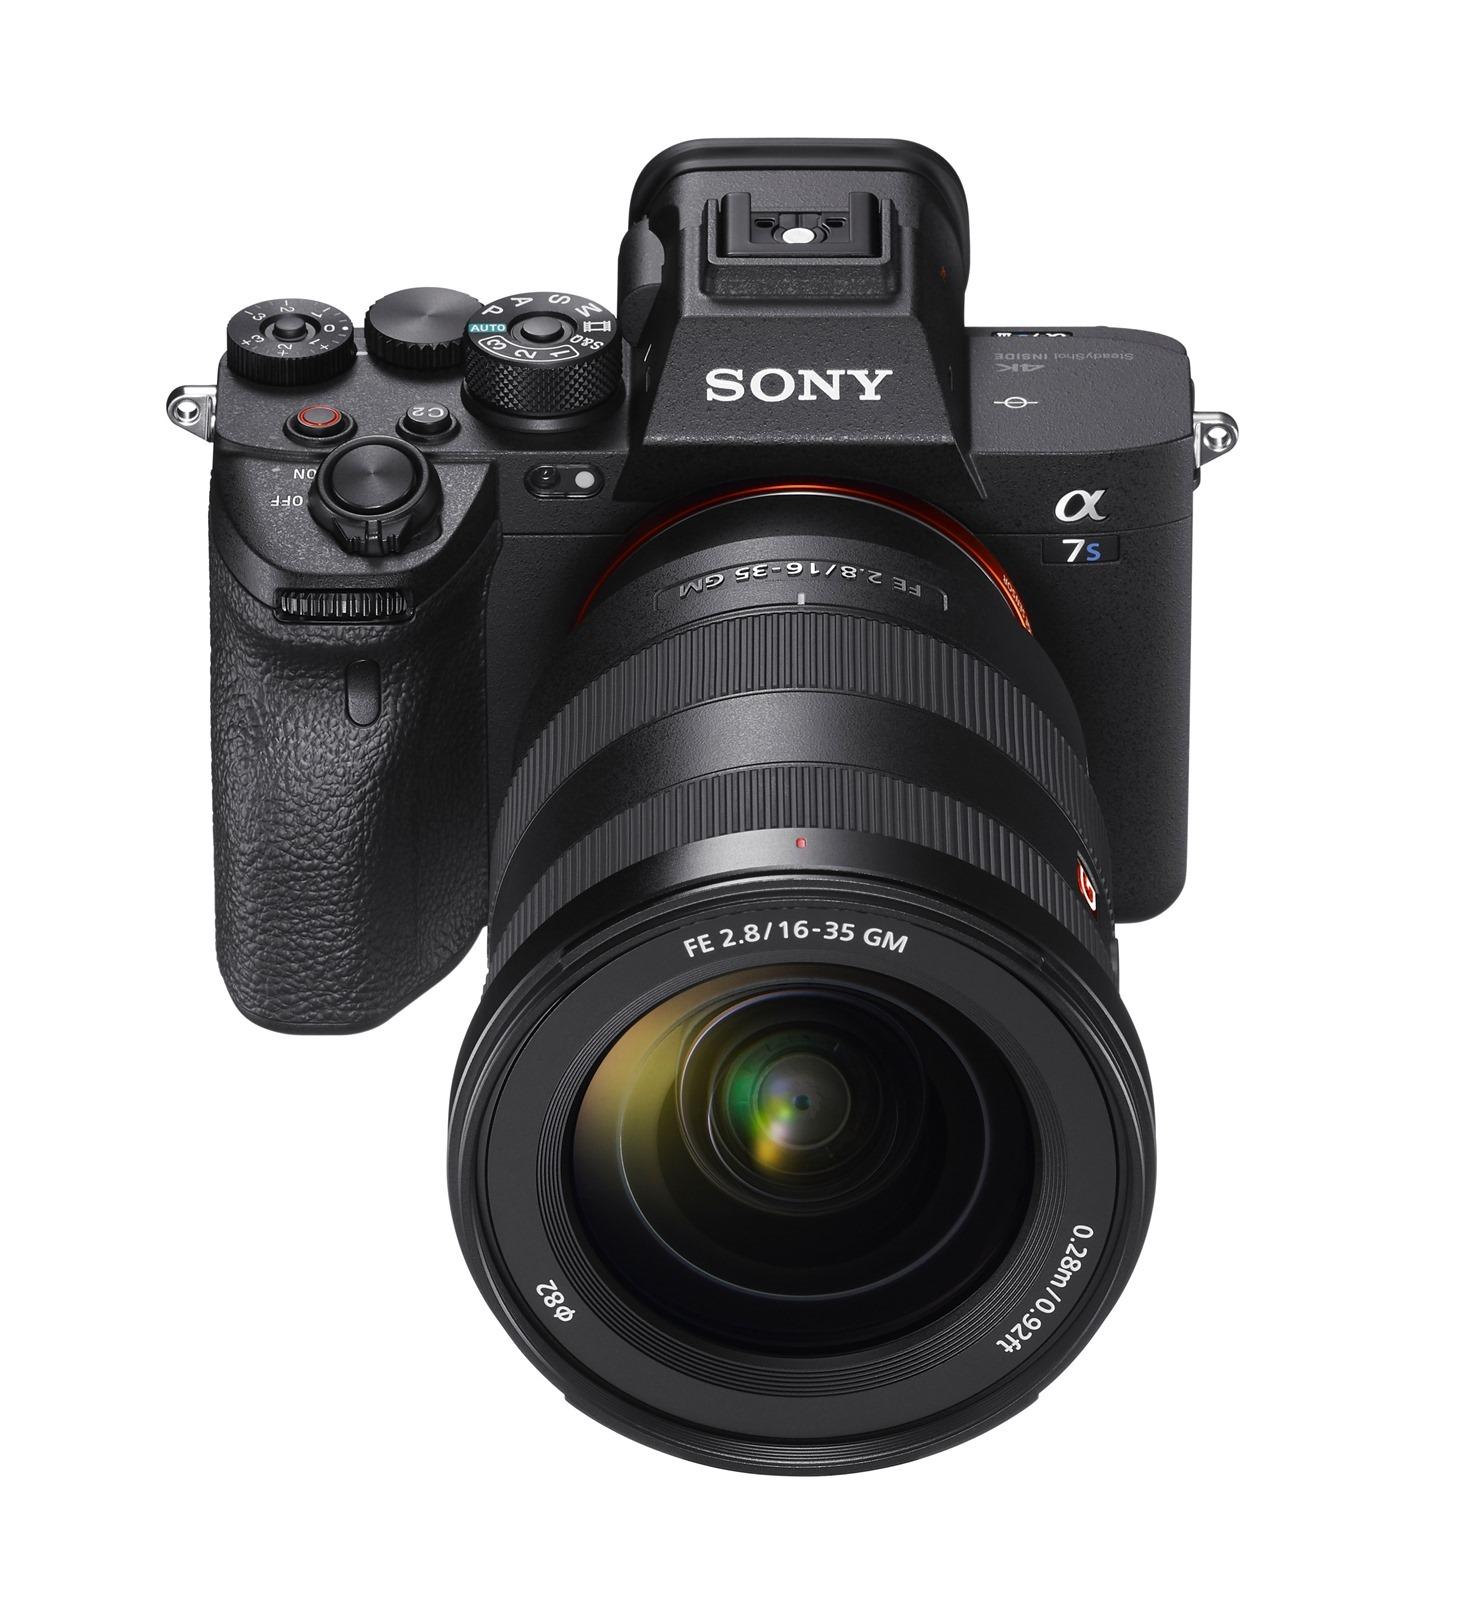 台灣價格真甜!Sony α7S III 劃時代錄影王者超凡登場 超高感光度 / 4K 120p、10-bit、4:2:2 極致錄影性能 / 15 級超高動態範圍 @3C 達人廖阿輝